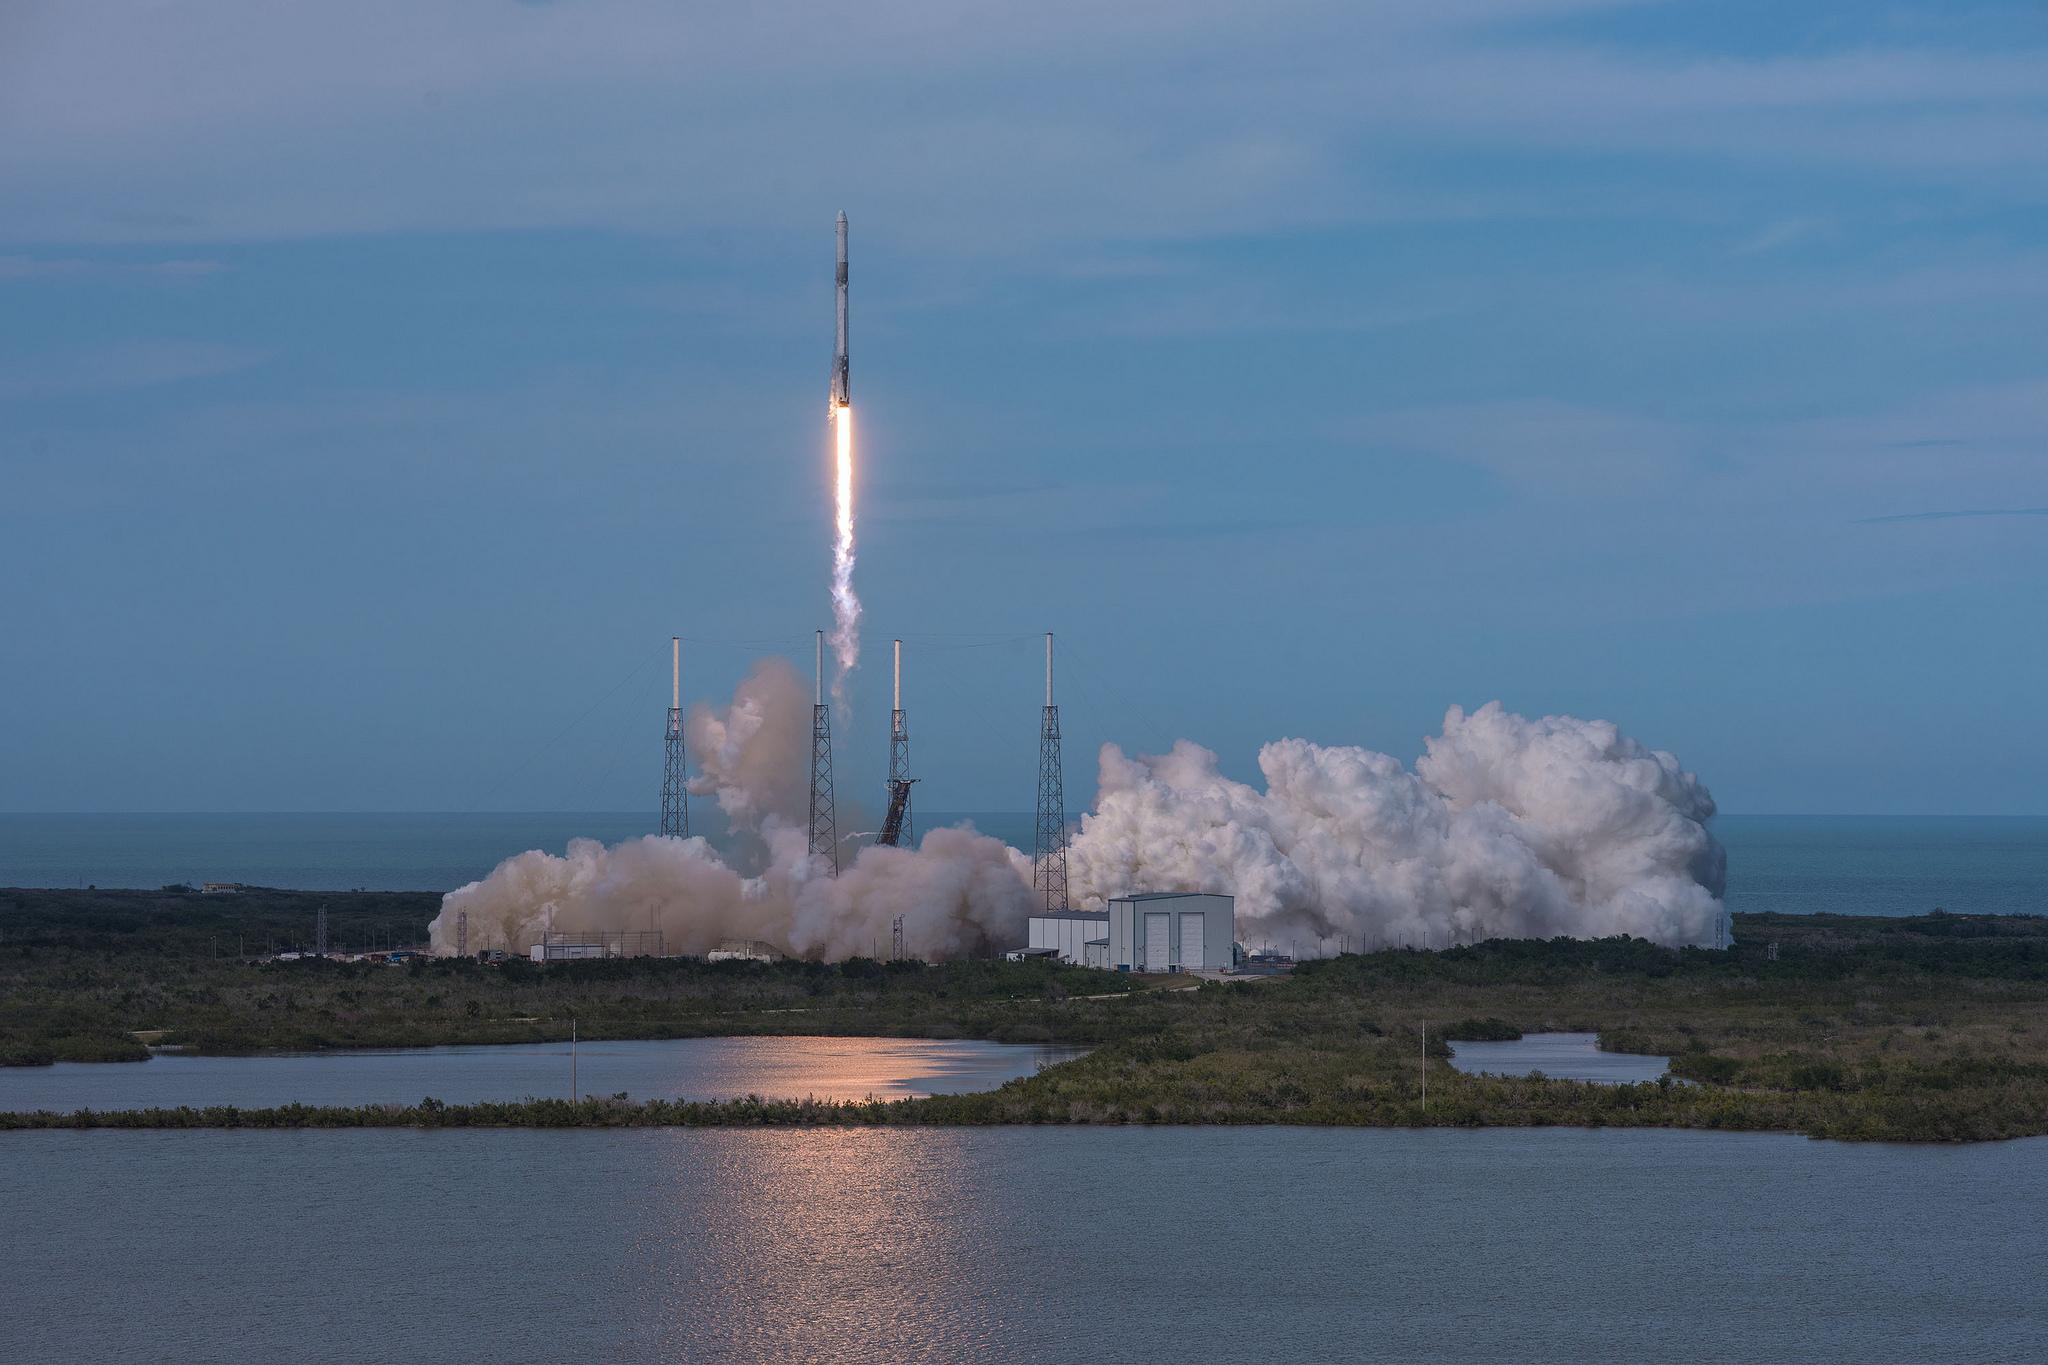 SpaceX во второй раз запустила вместе уже летавшие ракету Falcon 9 и грузовой корабль Dragon. Среди прочего груза – охотник за космическим мусором RemoveDEBRIS